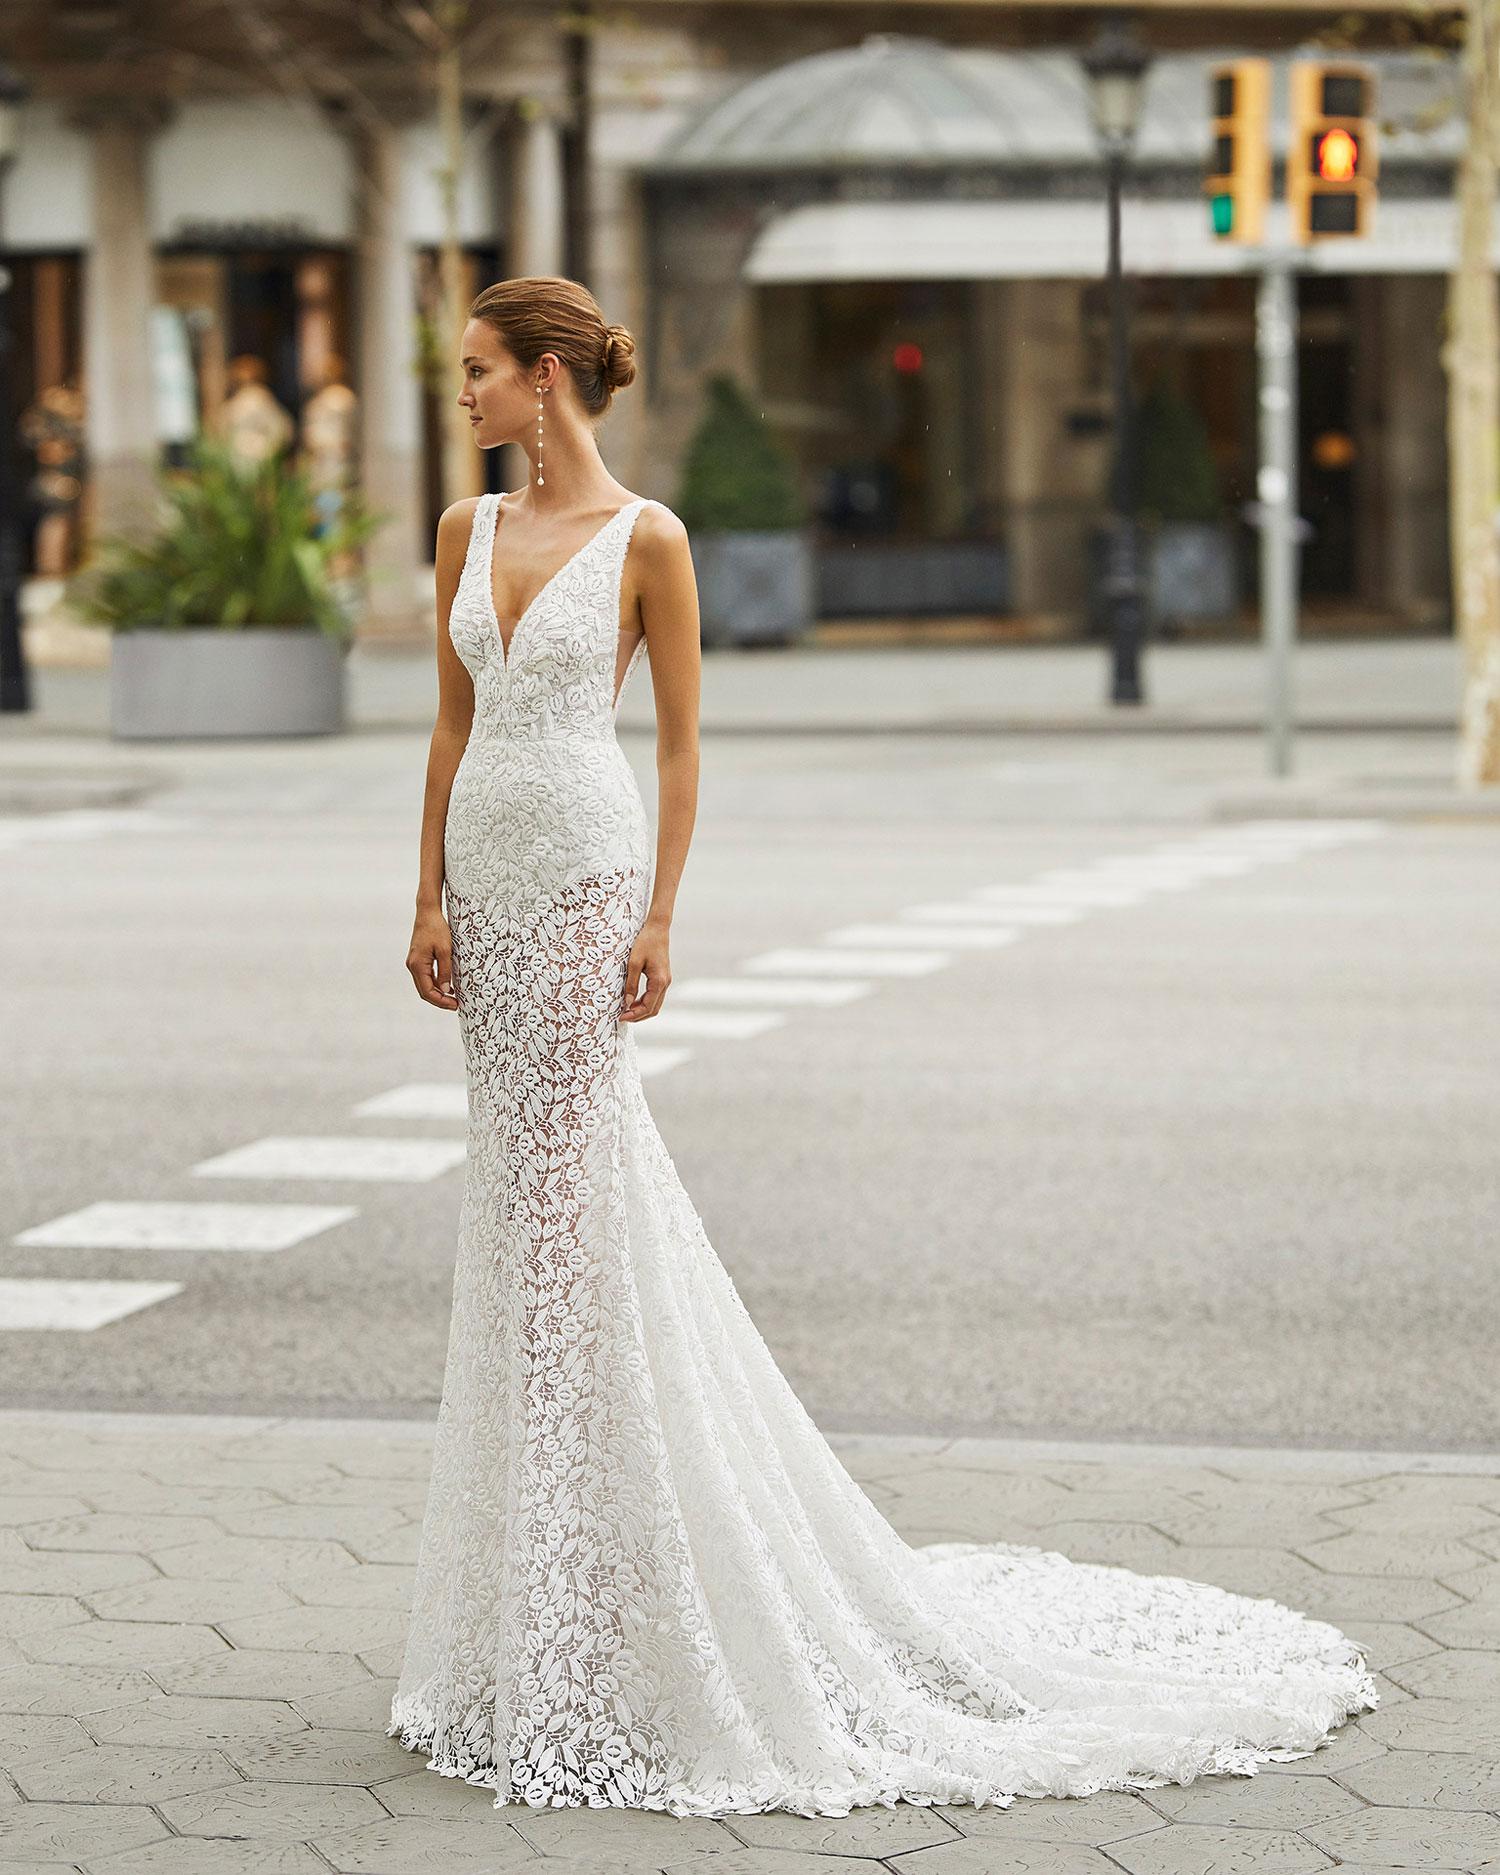 Rosa Clarà 2022 abito vestito sposa Vicenza FEBE